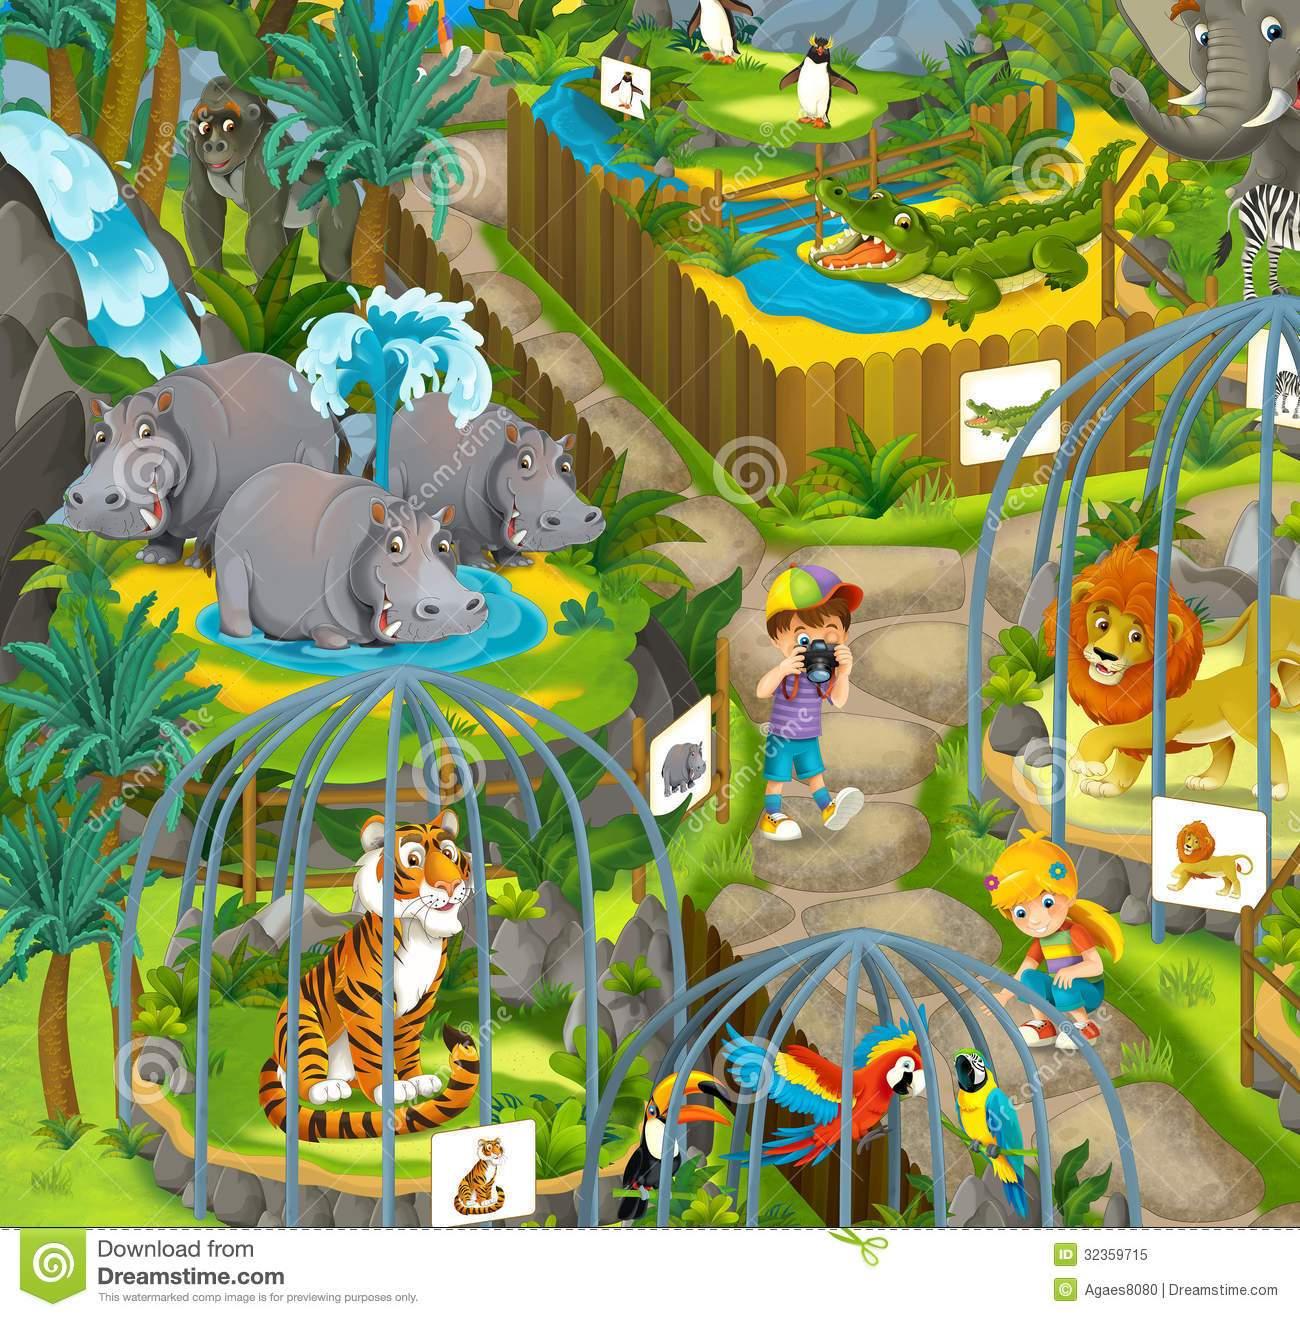 Zoo scene clipart 9 » Clipart Portal.